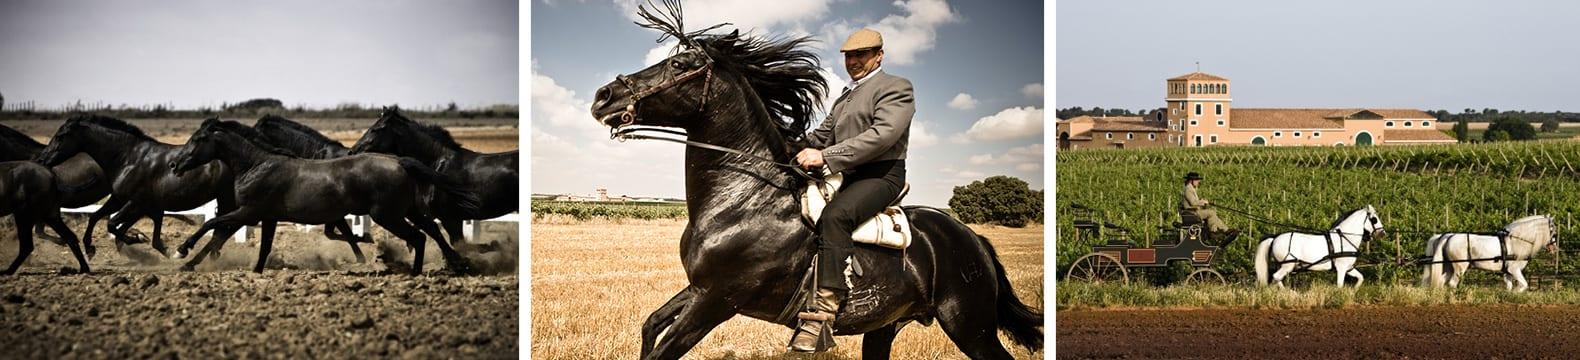 Impressionen: Pferde auf der Finca, eine Kutsche vor dem Weingut